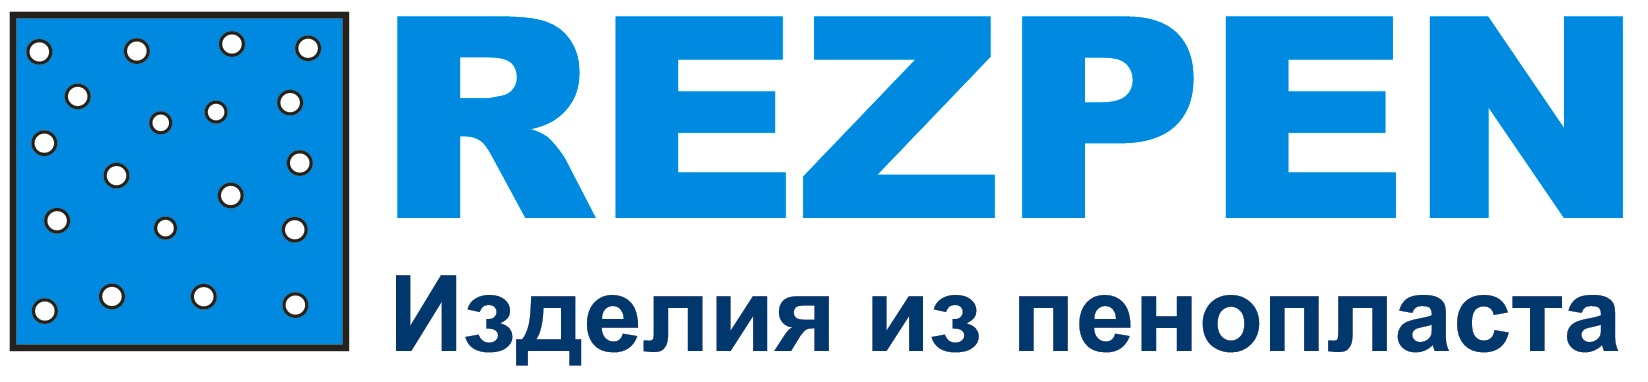 Редизайн логотипа фото f_1075a549033a22b8.jpg